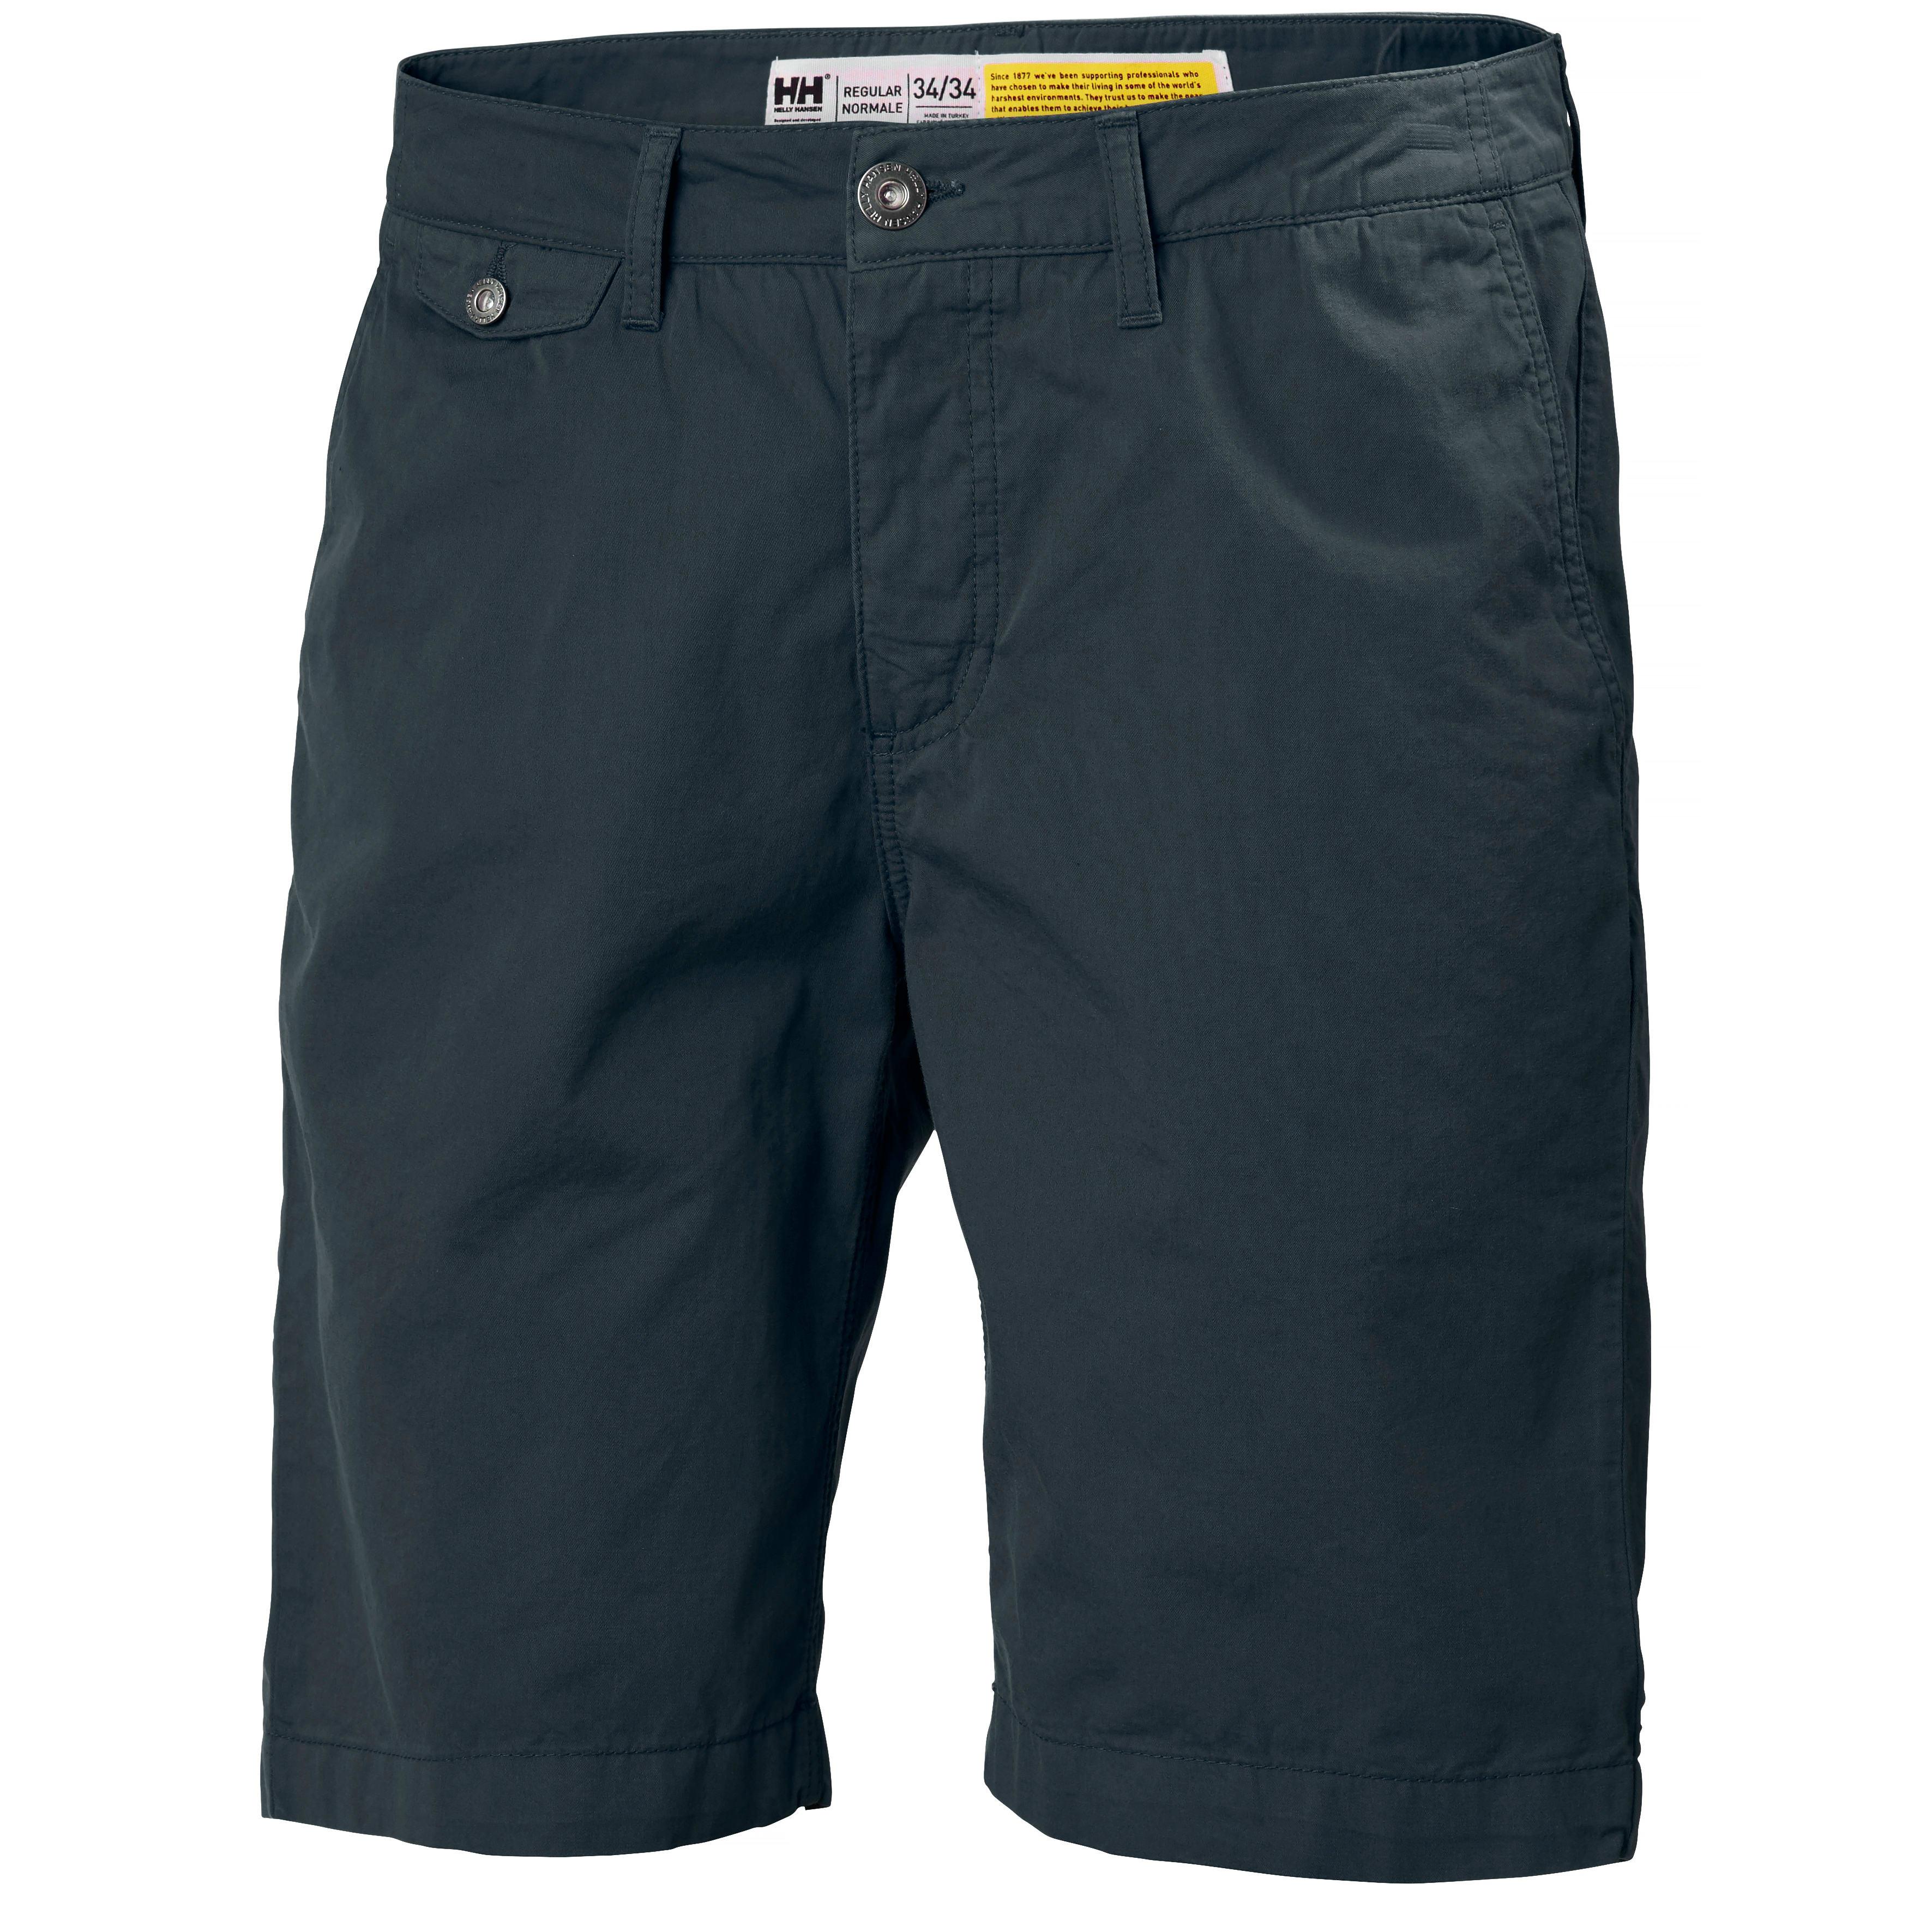 8cbaaa571f Handla från hela världen hos PricePi. hh bermuda shorts 10